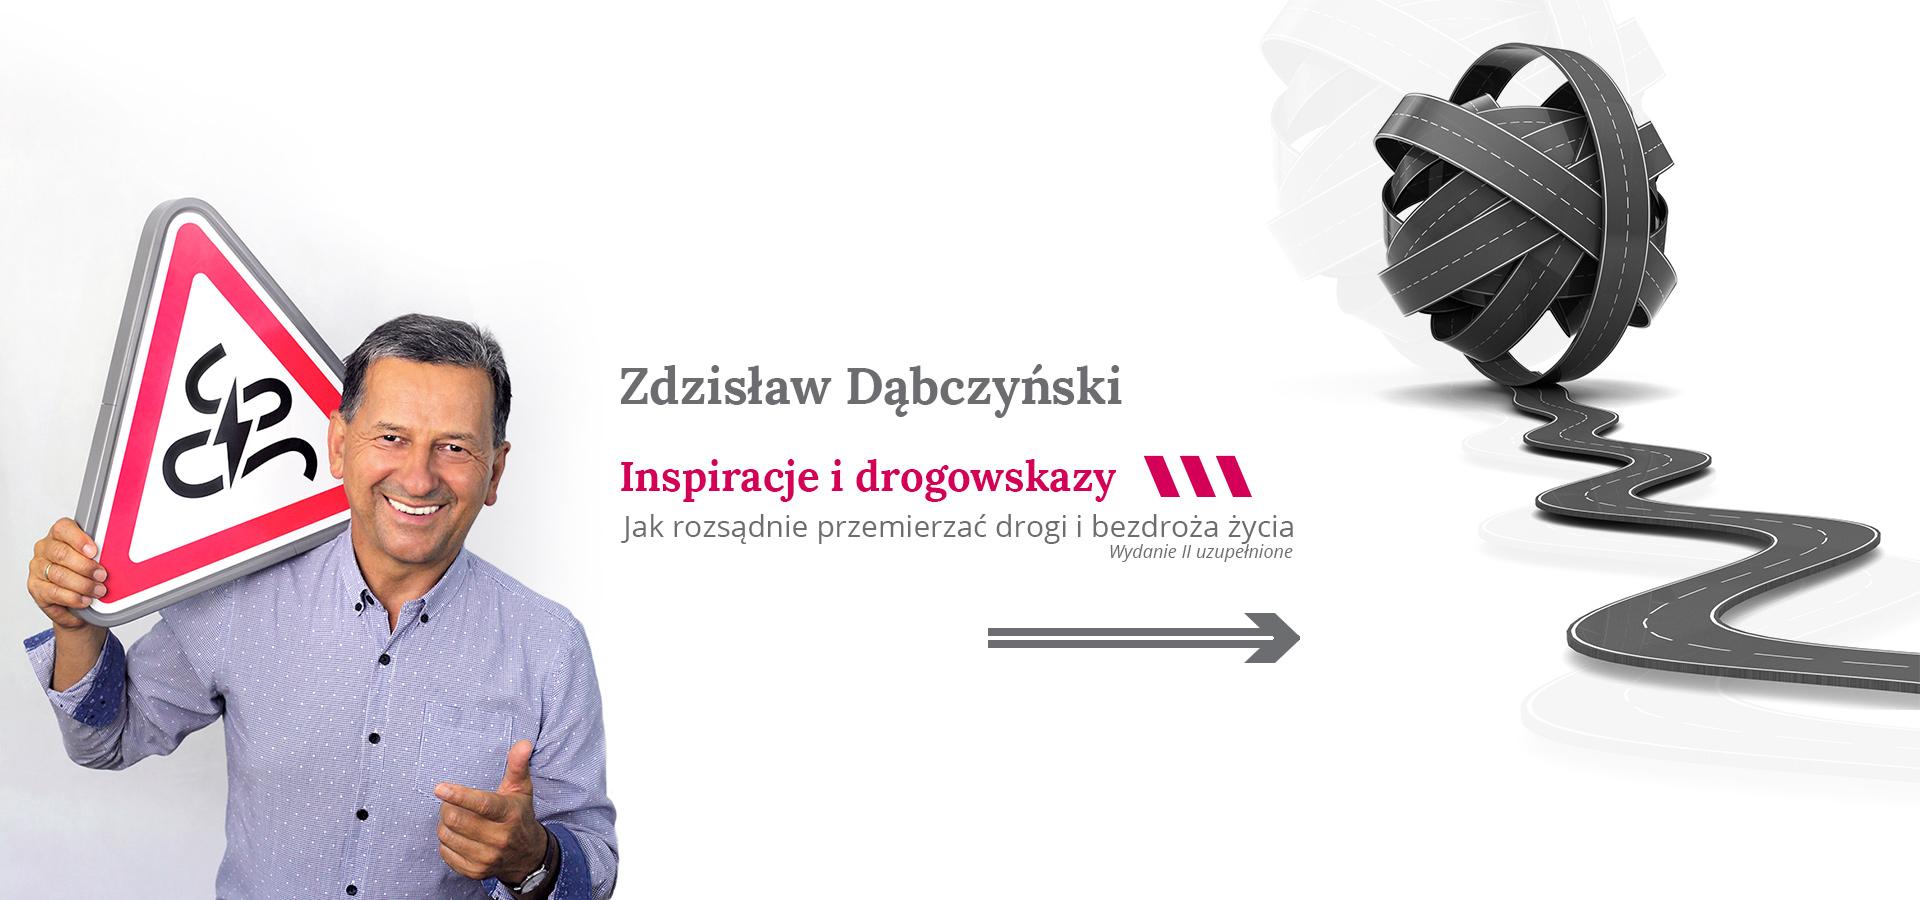 Inspiracje i drogowskazy Zdzisław Dąbczyński